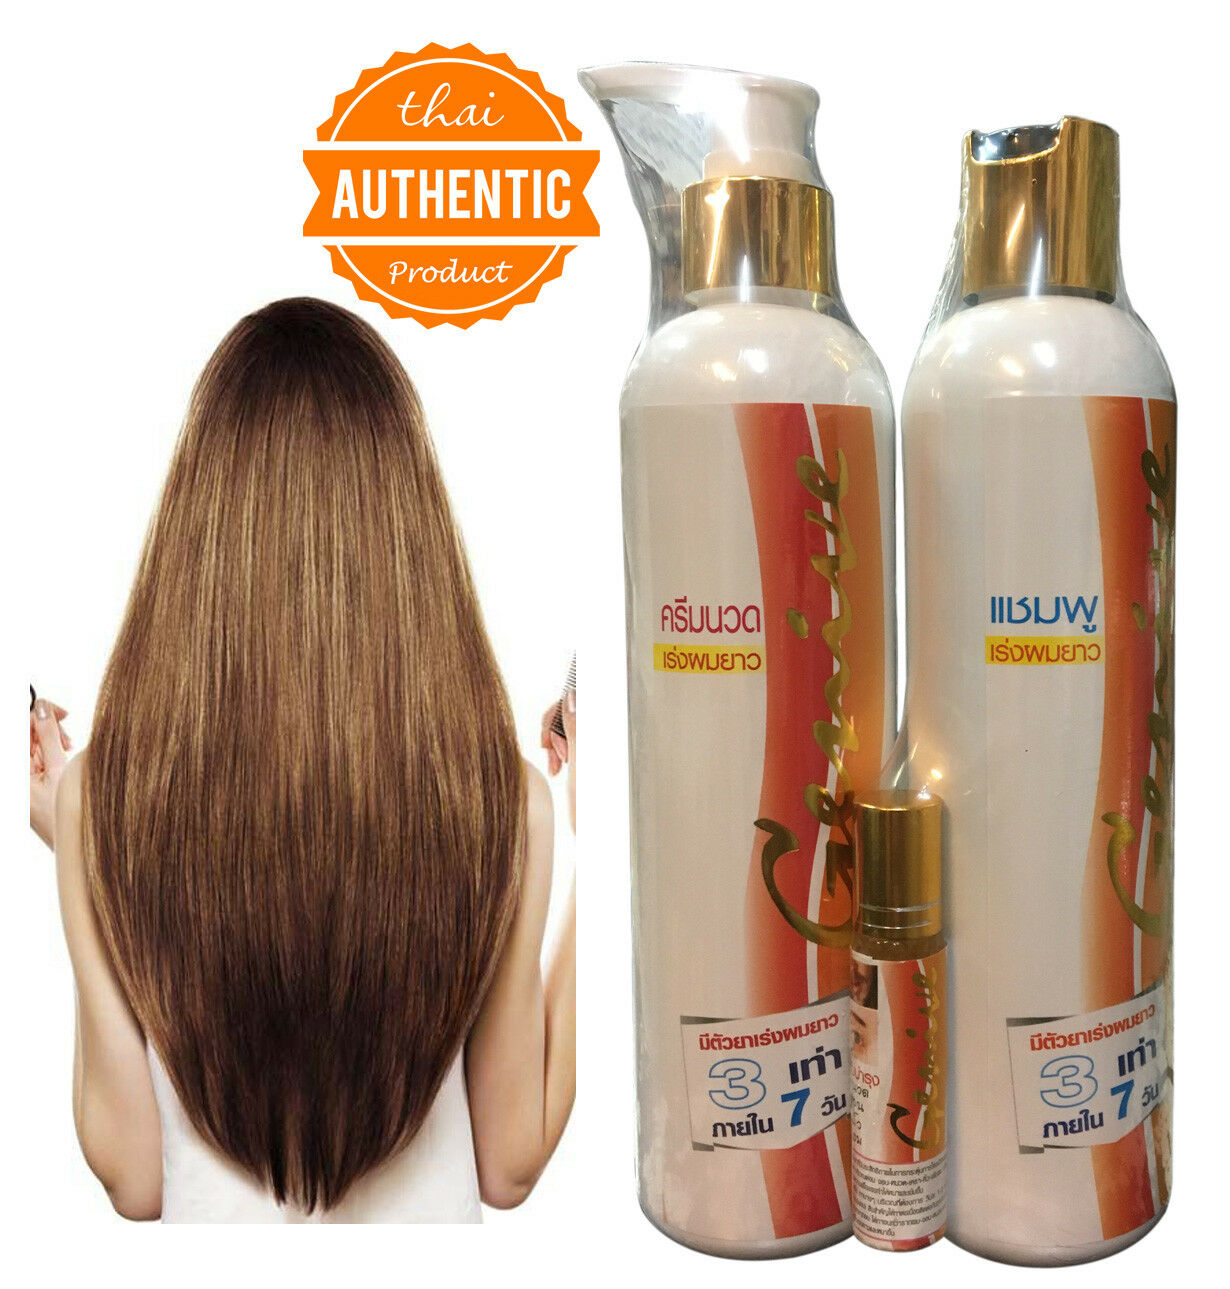 Выбираем хороший шампунь для роста волос — 8 хитов от эксперта